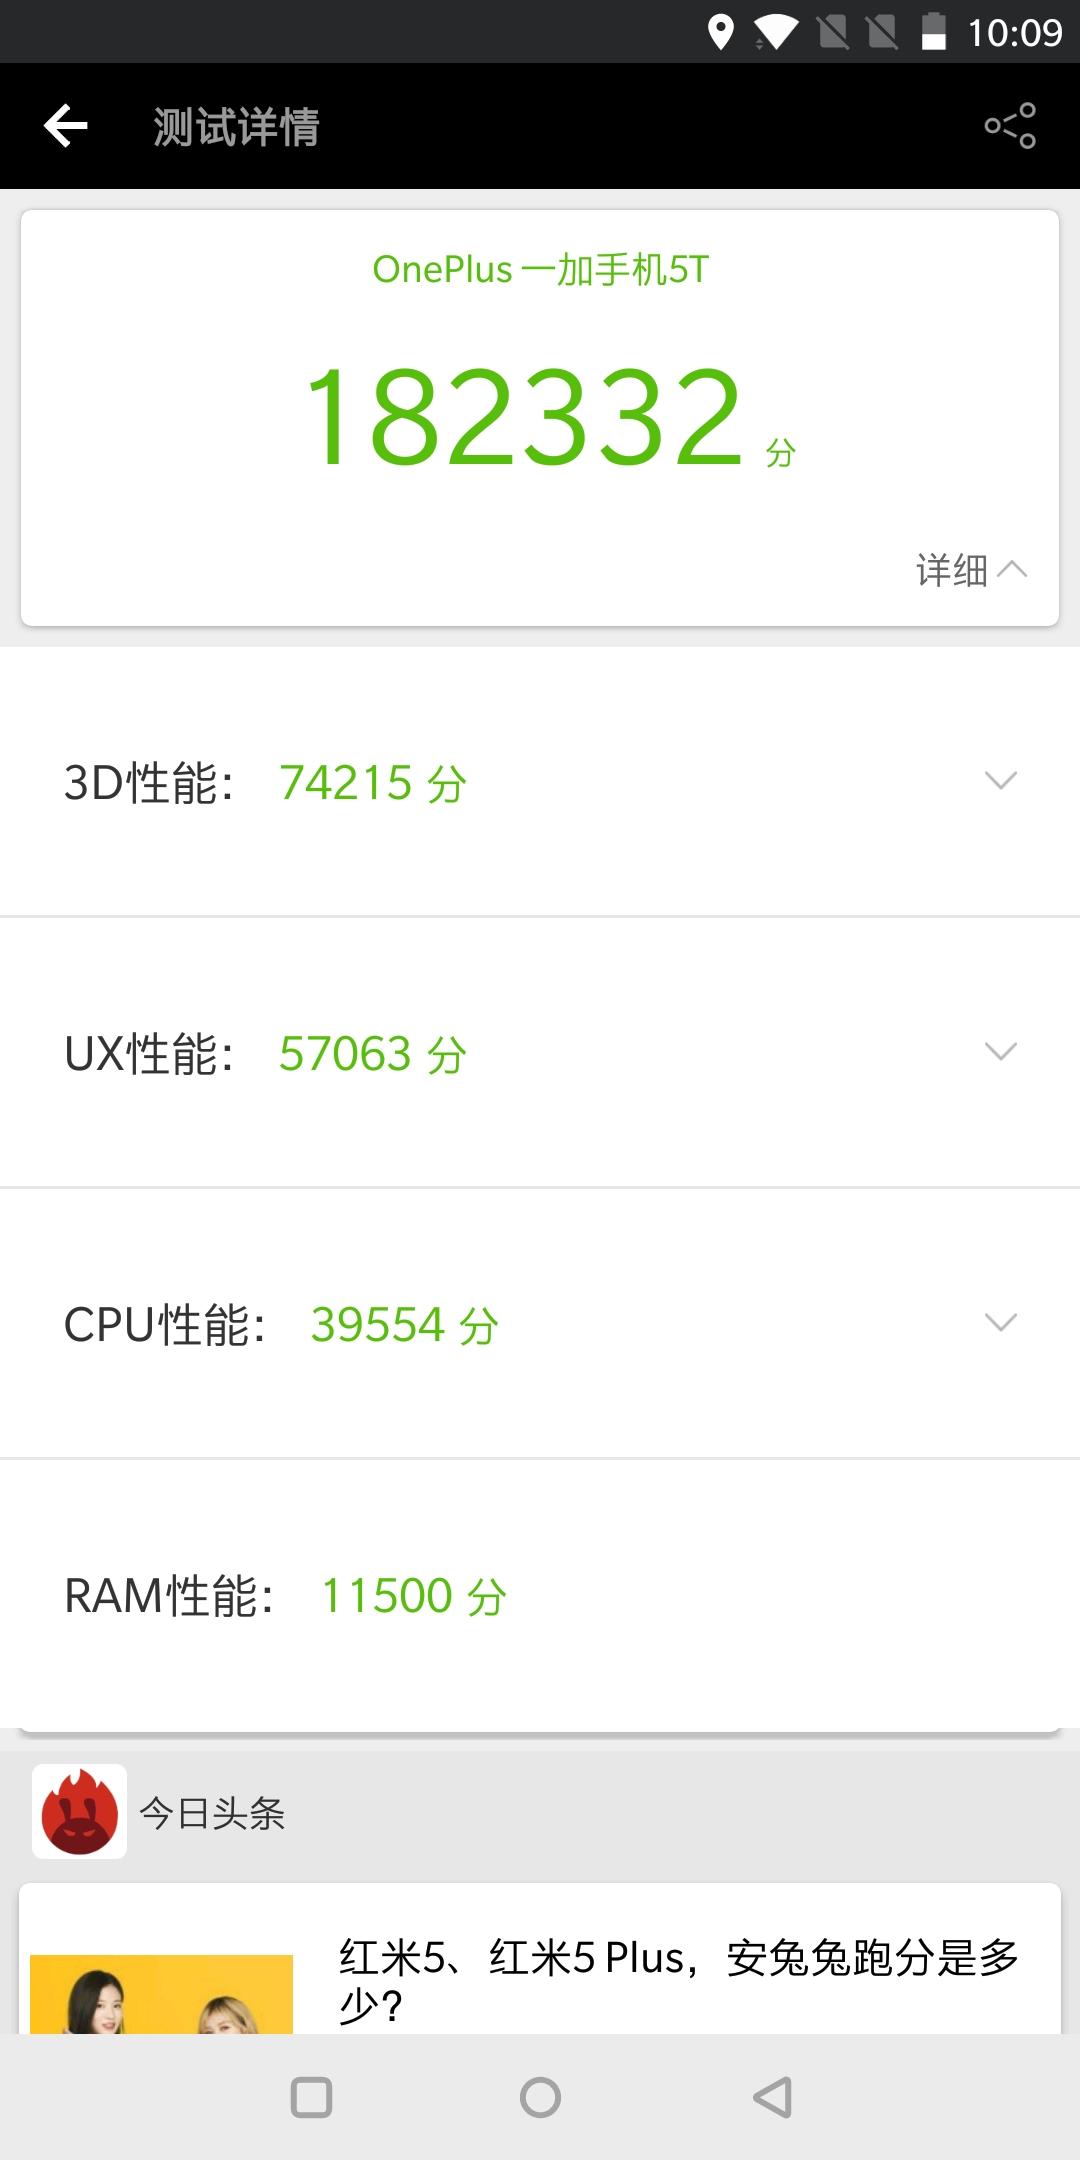 Screenshot_20171208-100938.jpg